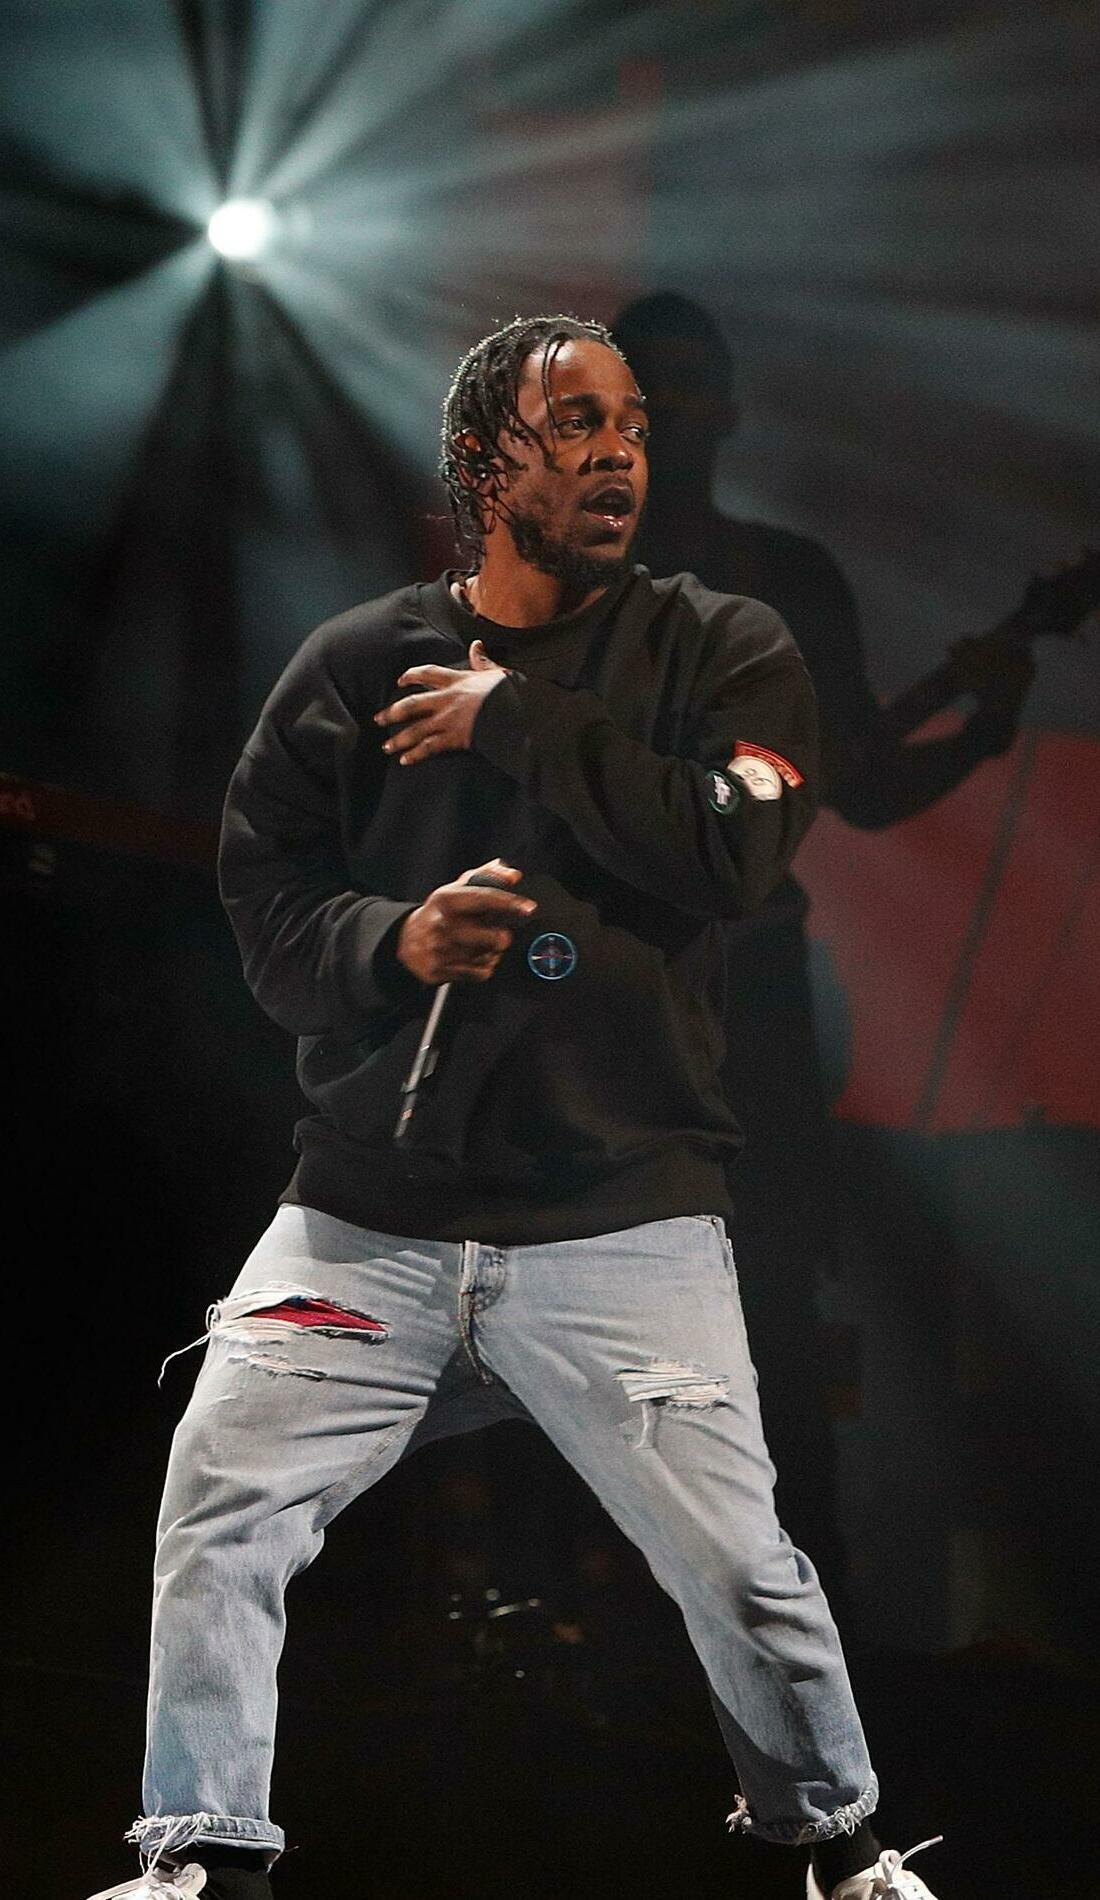 A Kendrick Lamar live event